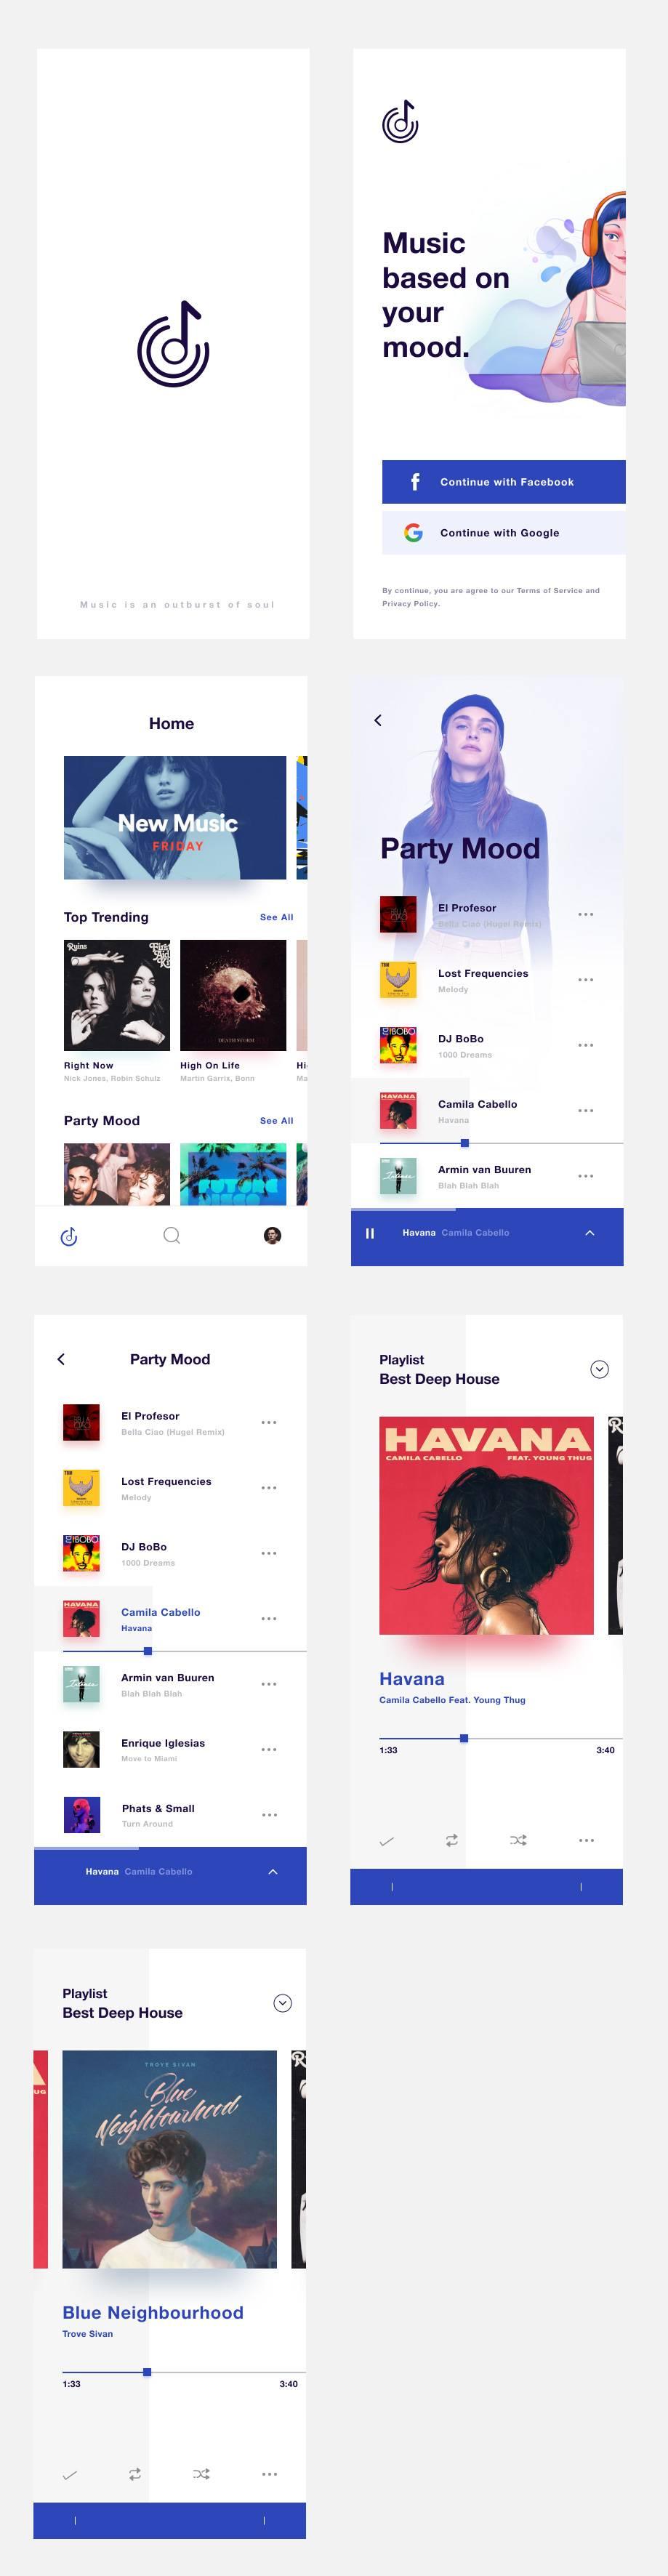 音乐app ui界面设计 .sketch素材下载 界面-第1张